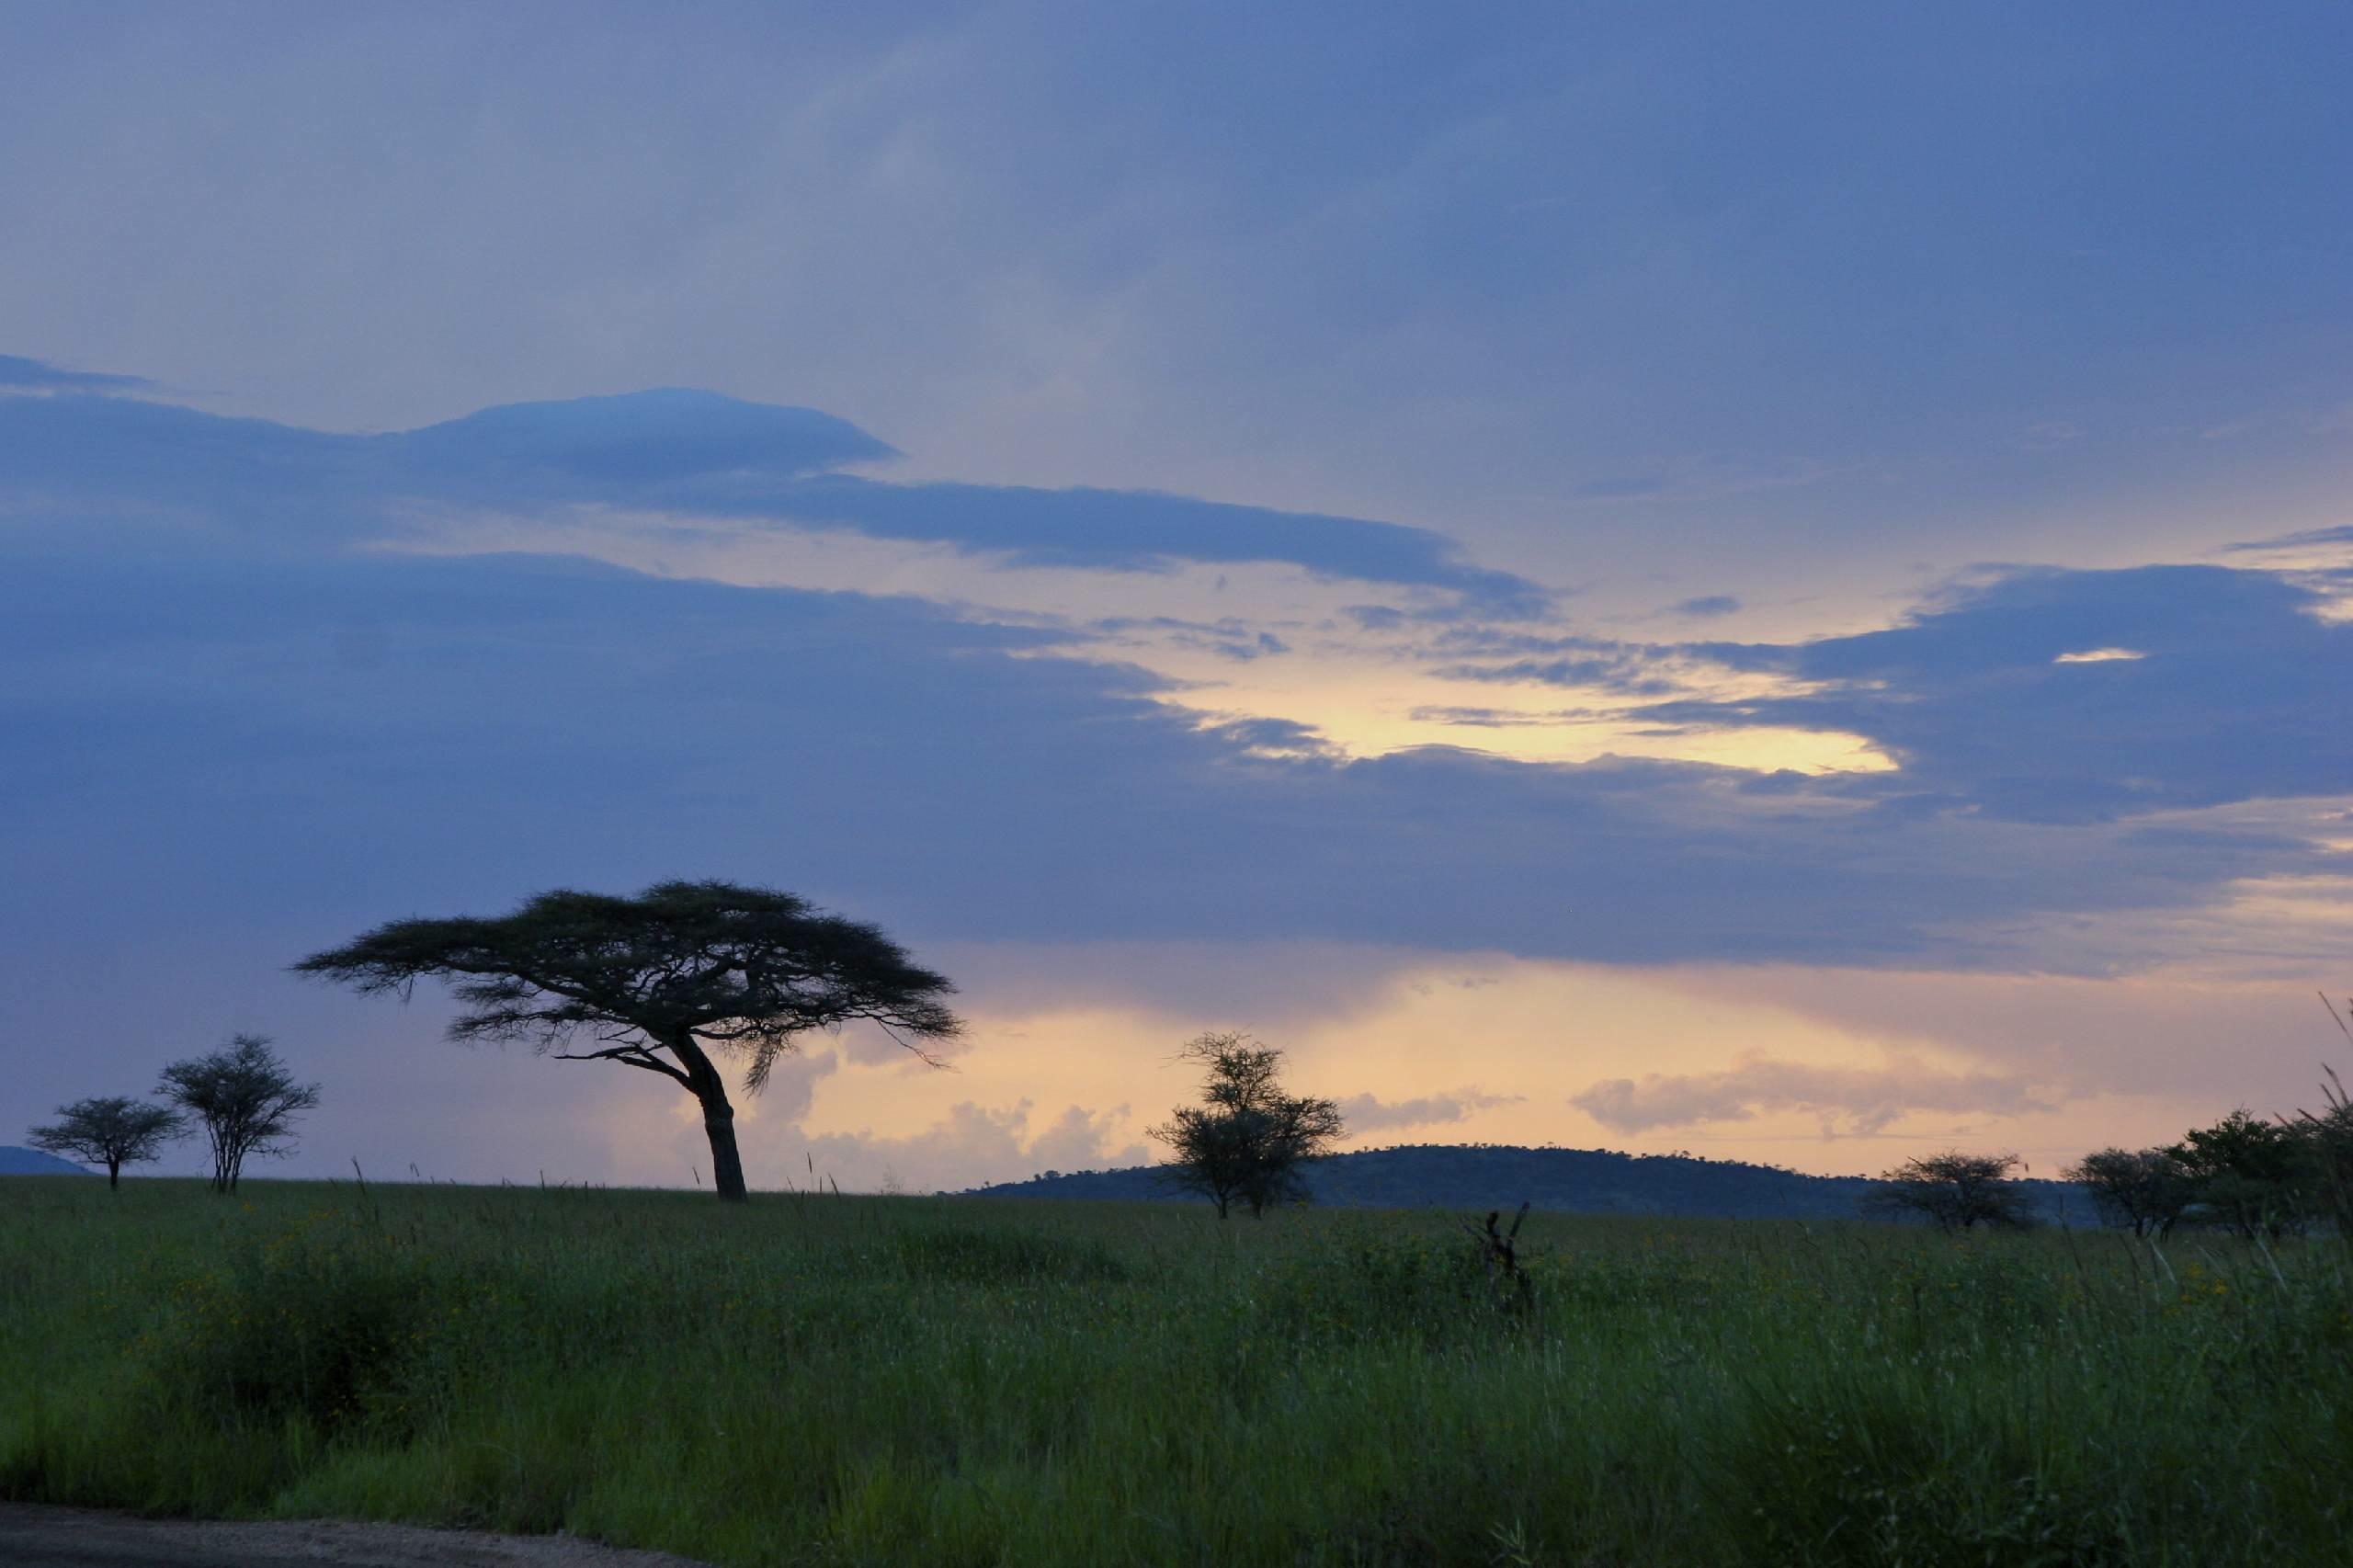 Le Safari en Tanzanie - 034.jpg